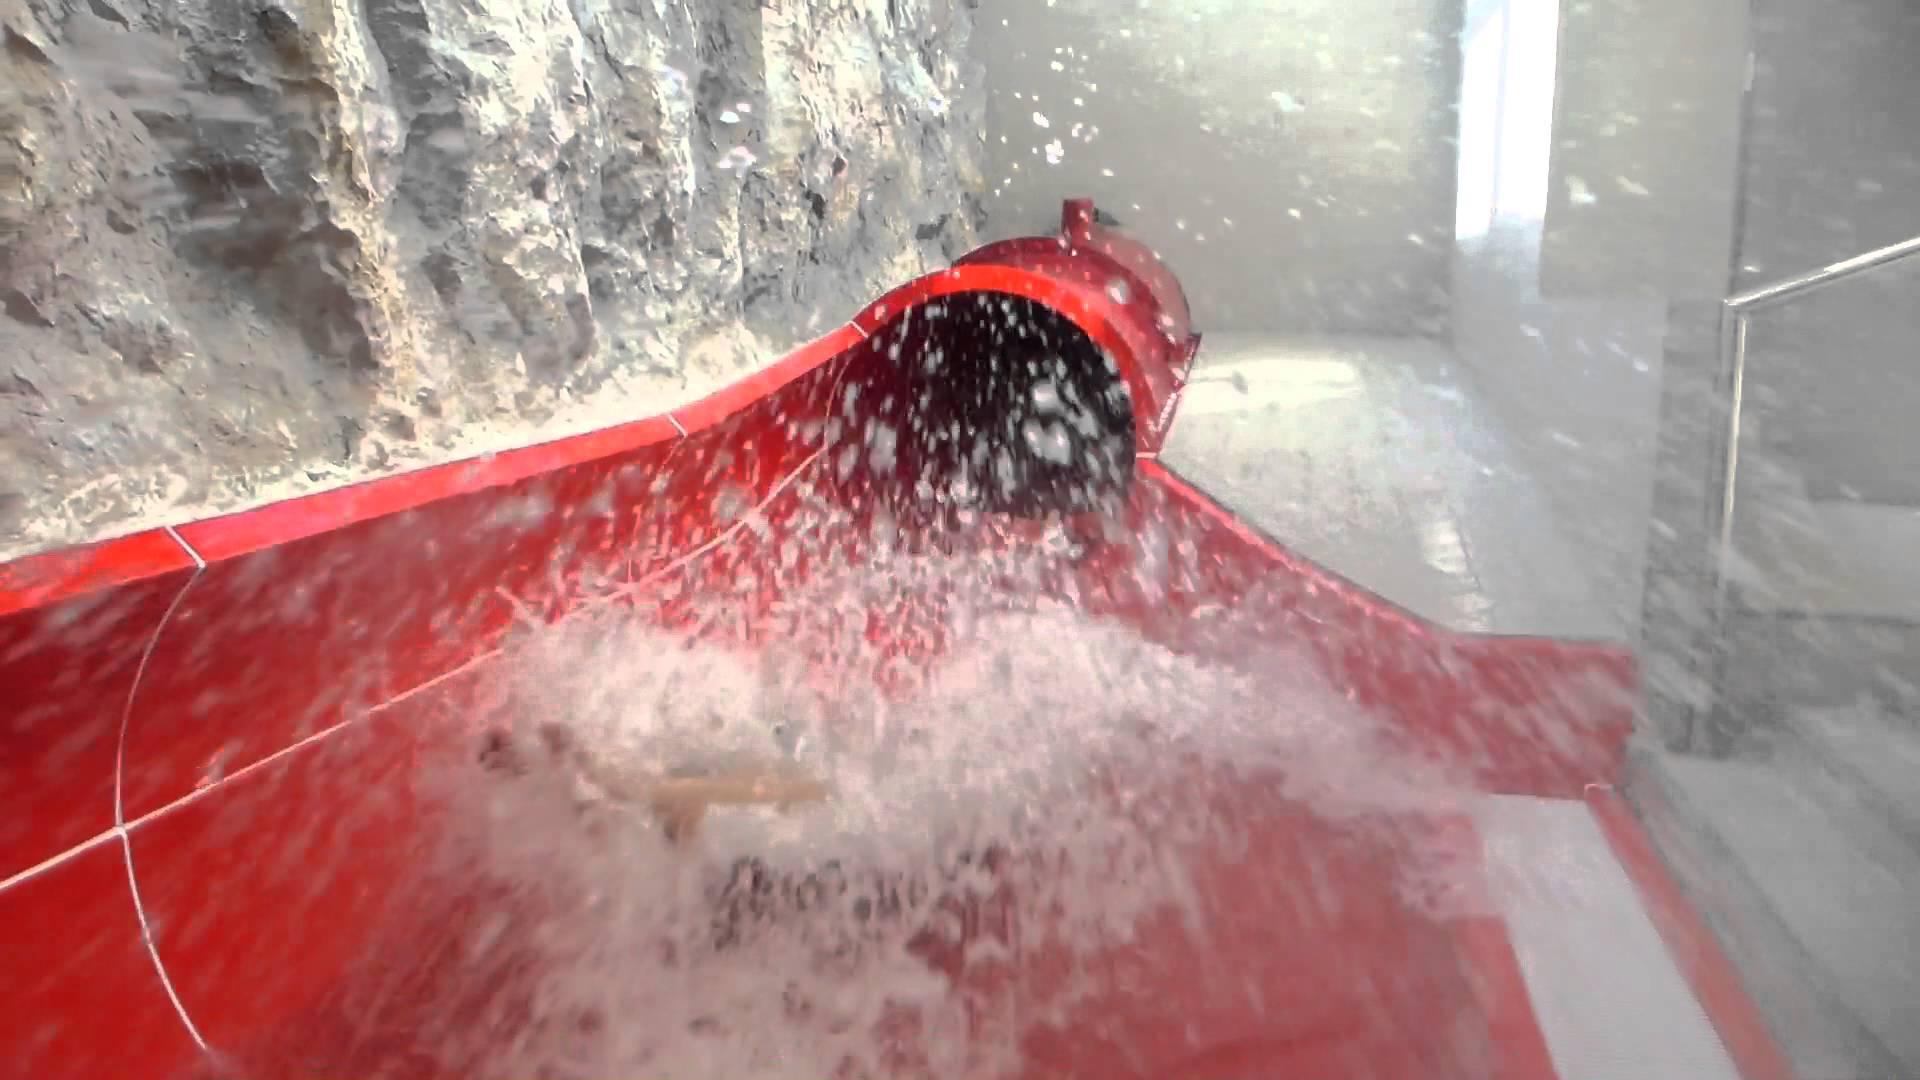 Speed-Röhrenrutsche (Turbo!)   AquaCity St. Pölten